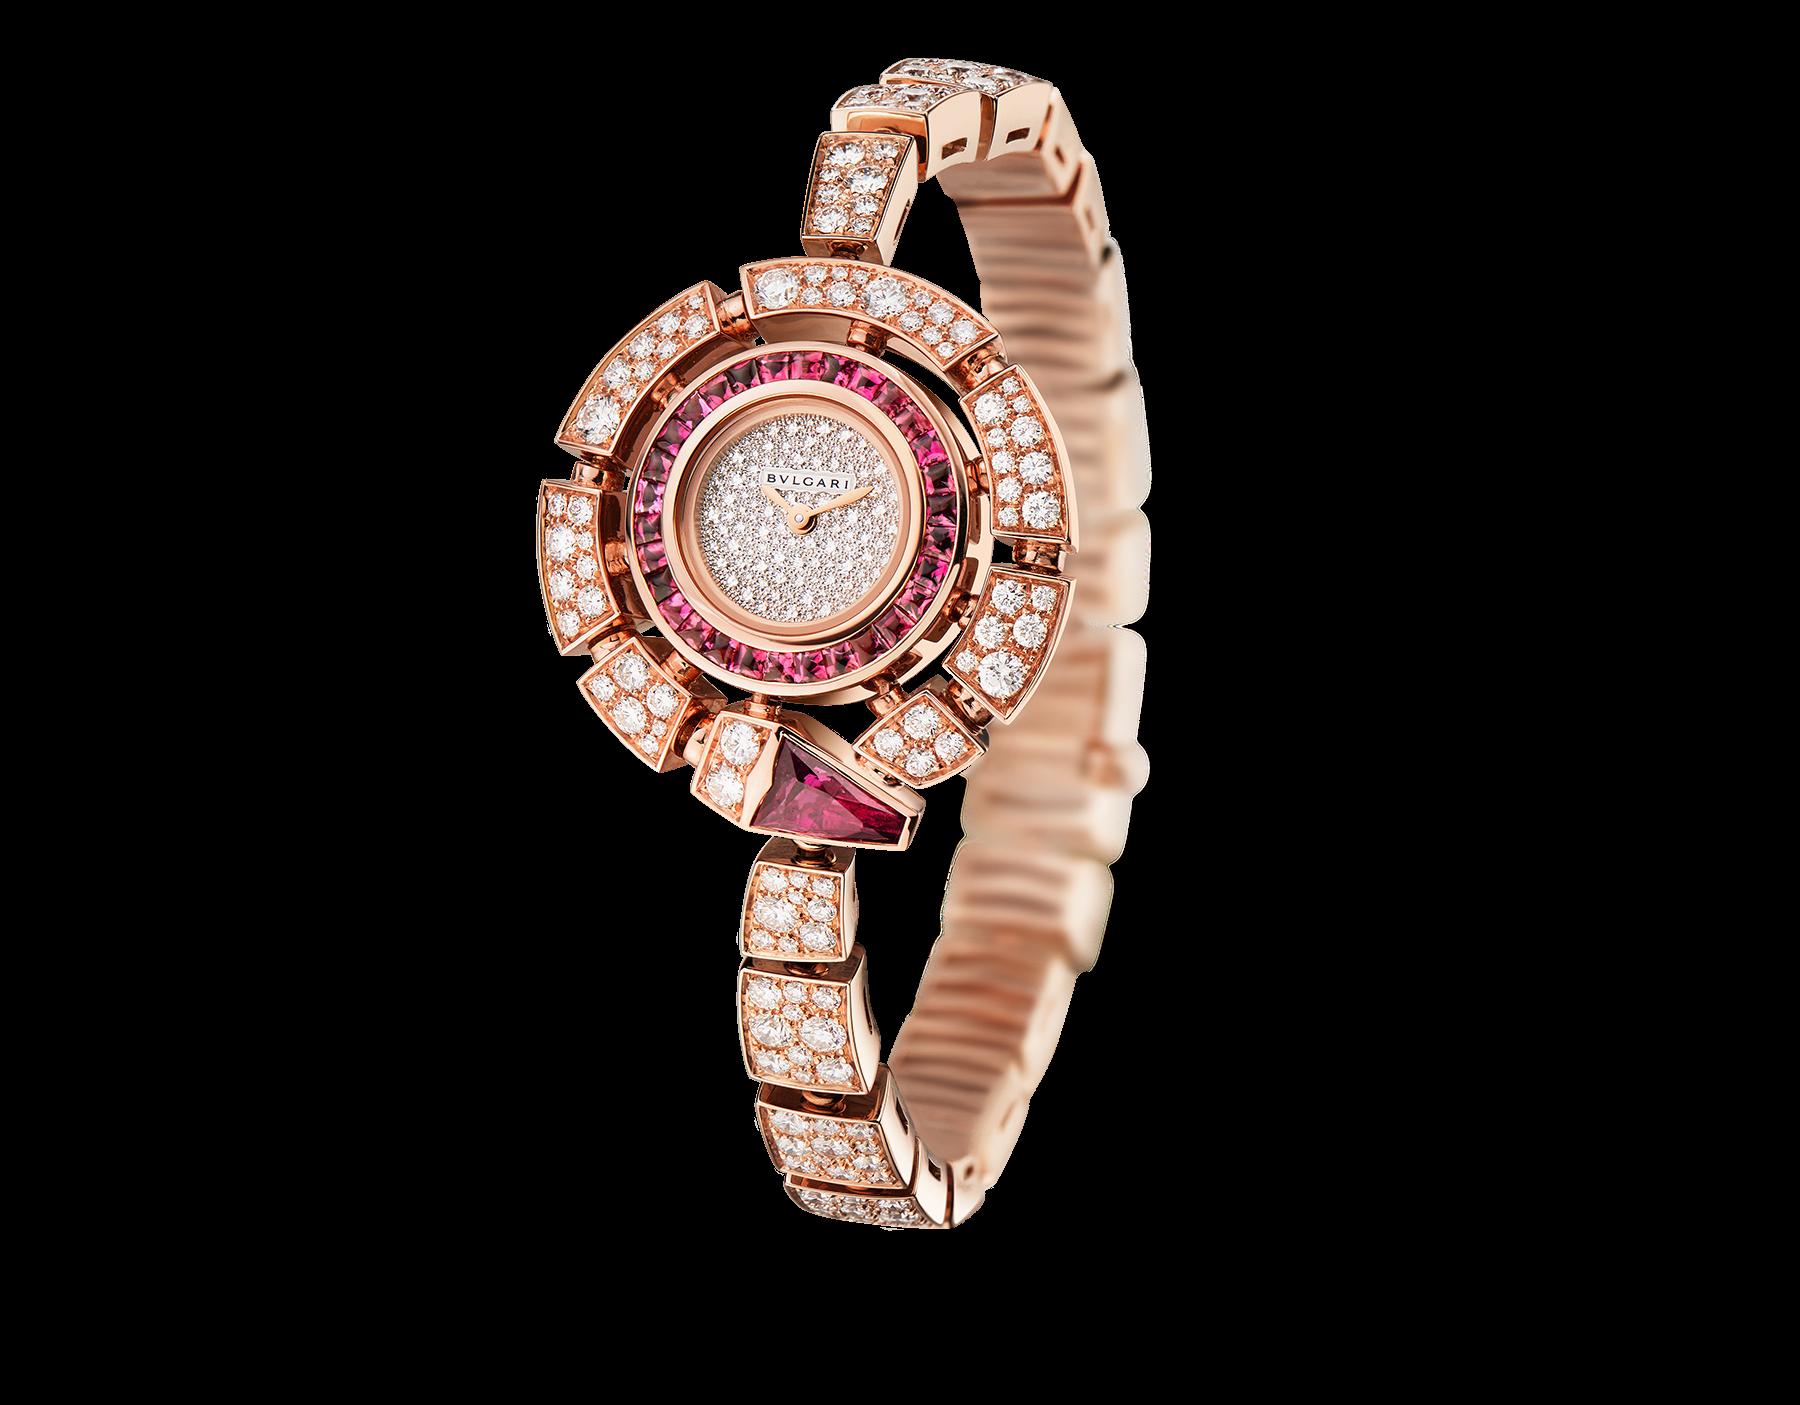 Relógio Serpenti Incantati com caixa em ouro rosa 18K cravejado com diamantes lapidação brilhante e rubelitas, mostrador cravejado com diamantes engaste neve, pulseira em ouro rosa 18K cravejado com diamantes lapidação brilhante. 102536 image 1